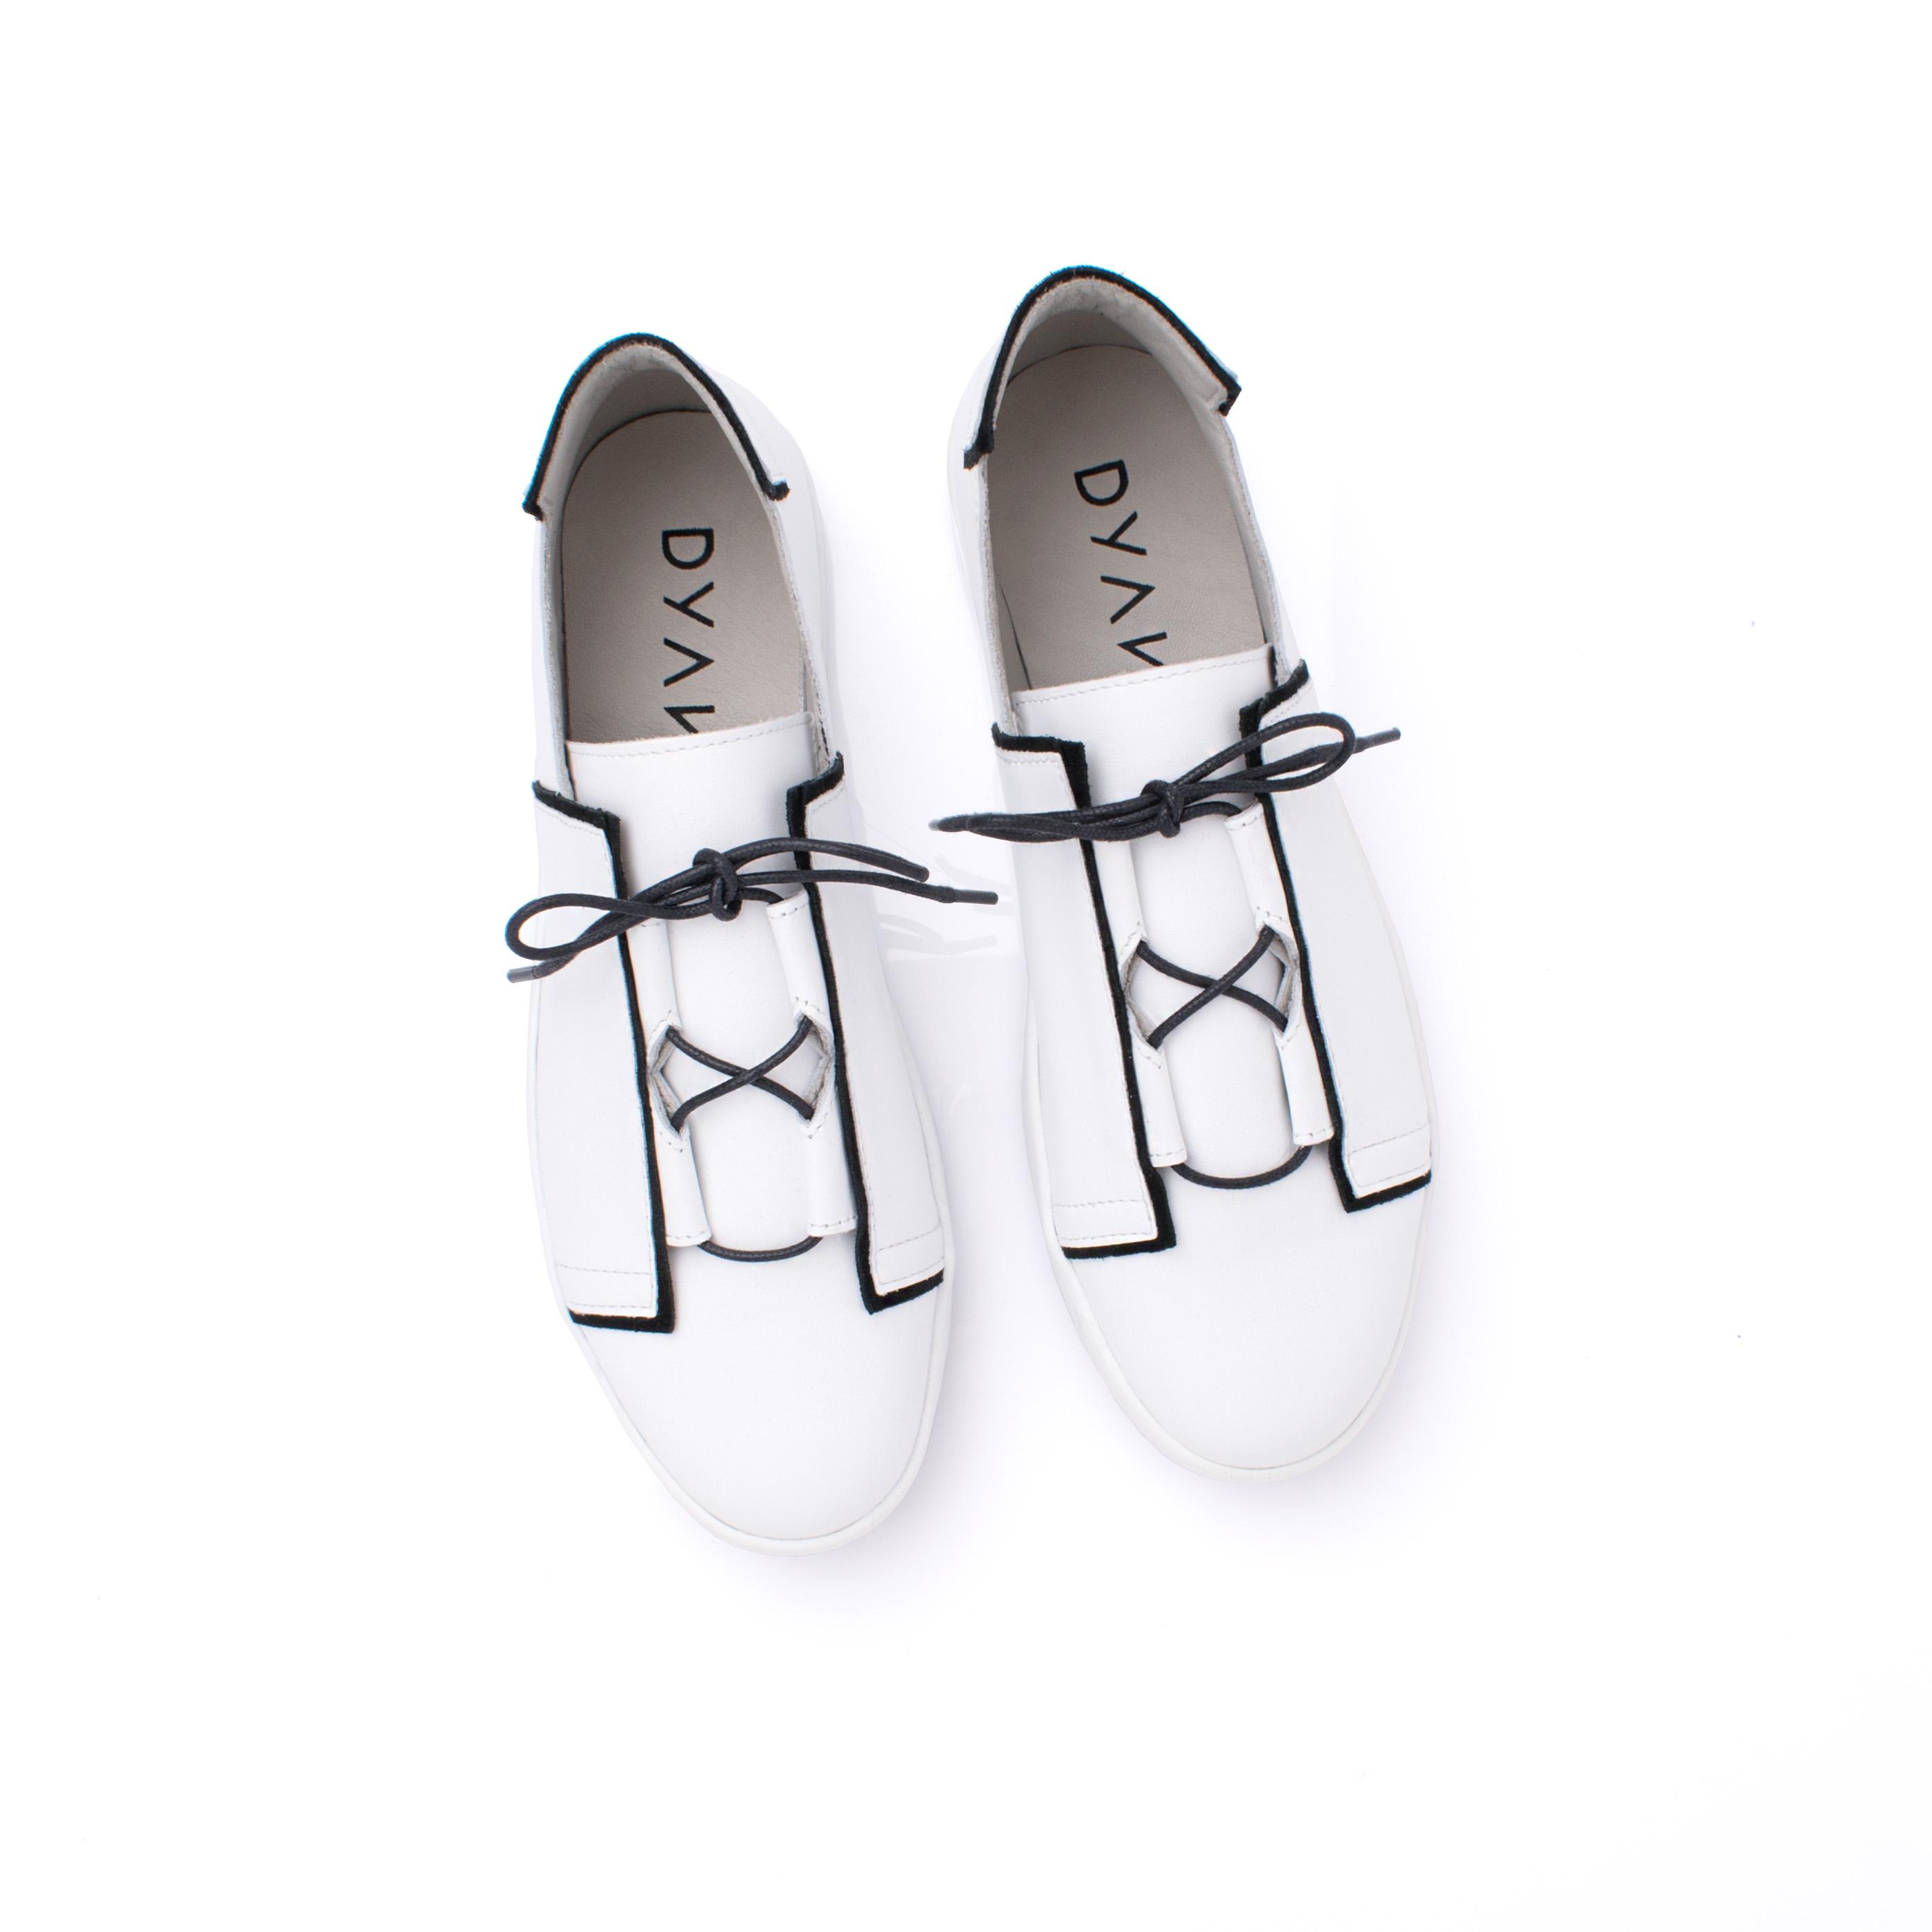 DYAN cipő